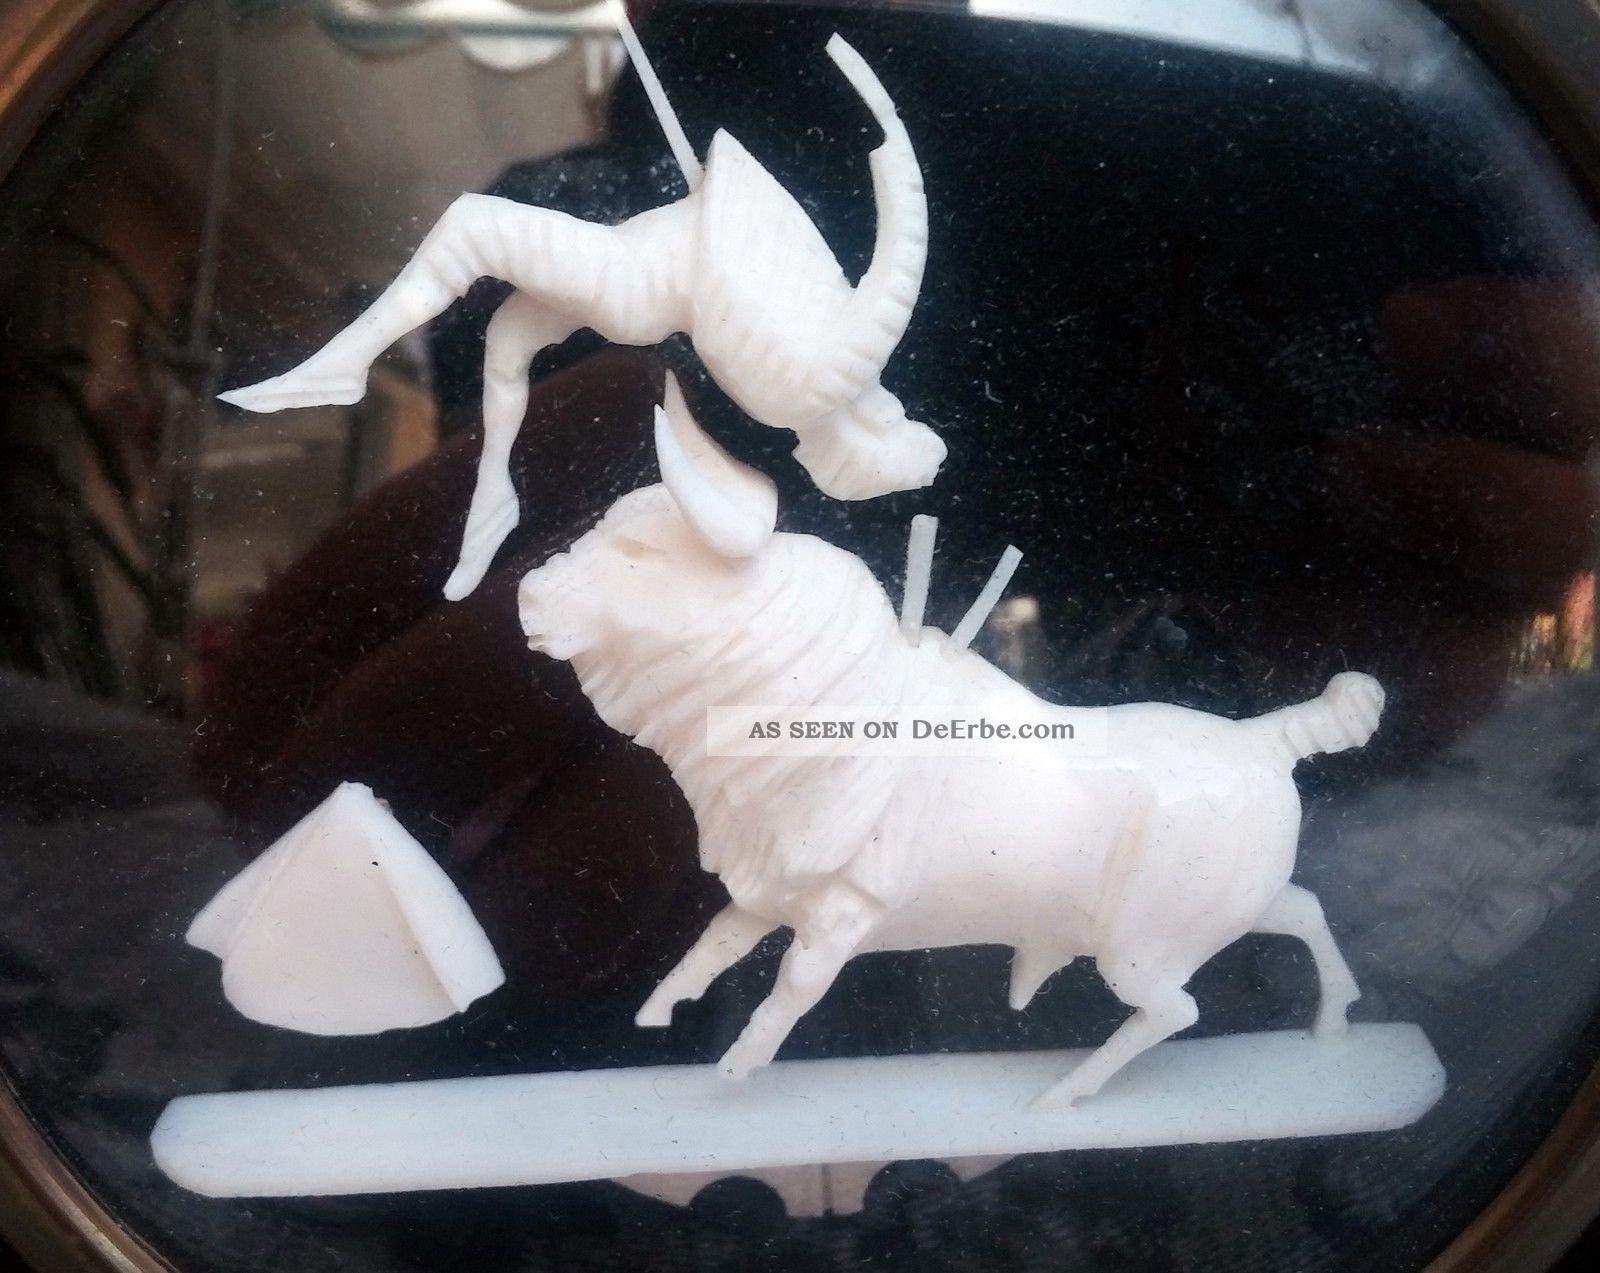 Bild Stier Stierkämpfer Bein Knochen Beinarbeiten Bild